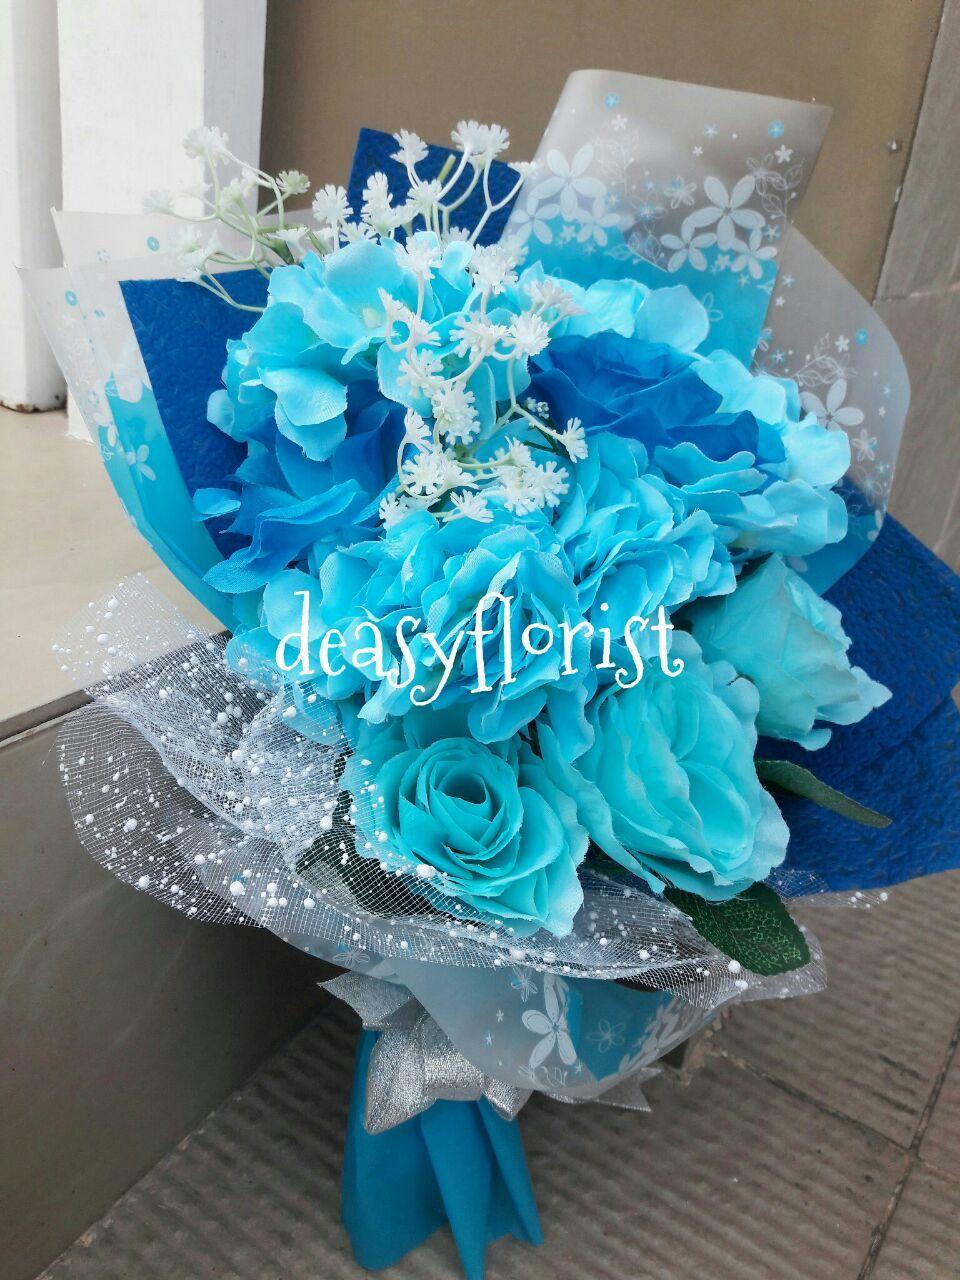 Gambar Bunga Mawar Biru Asli